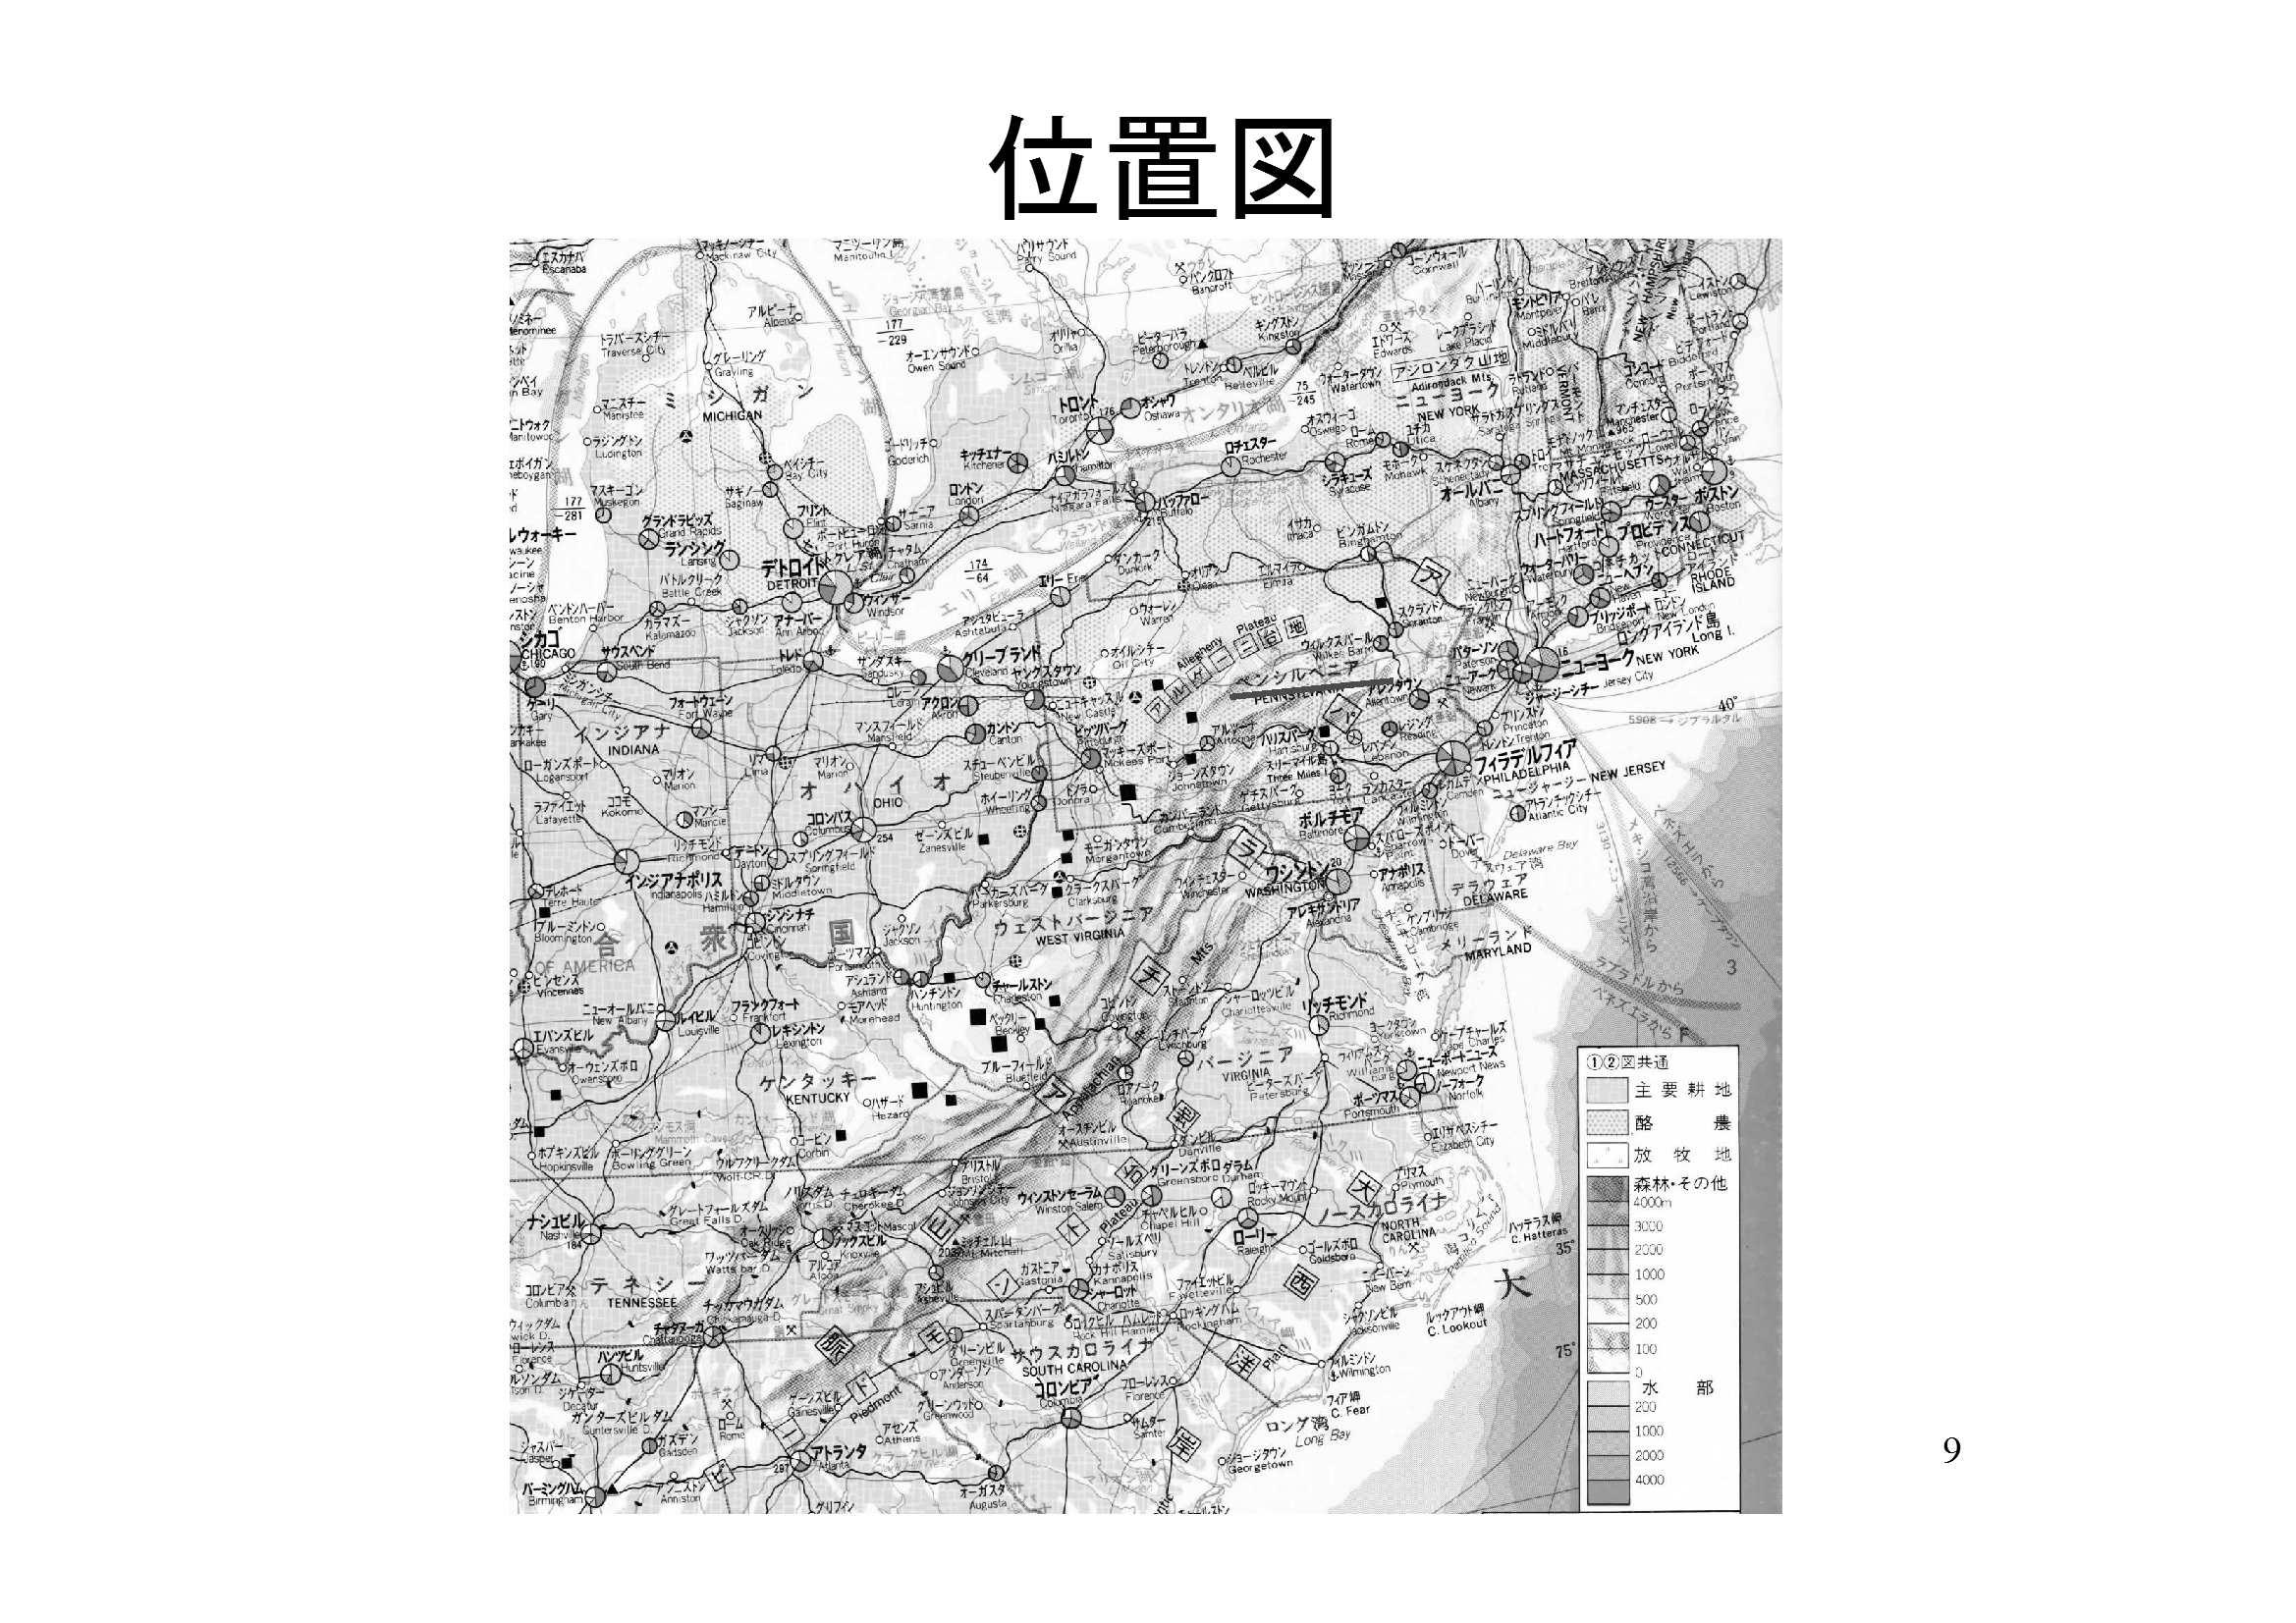 5鷹の道 [互換モード]-09